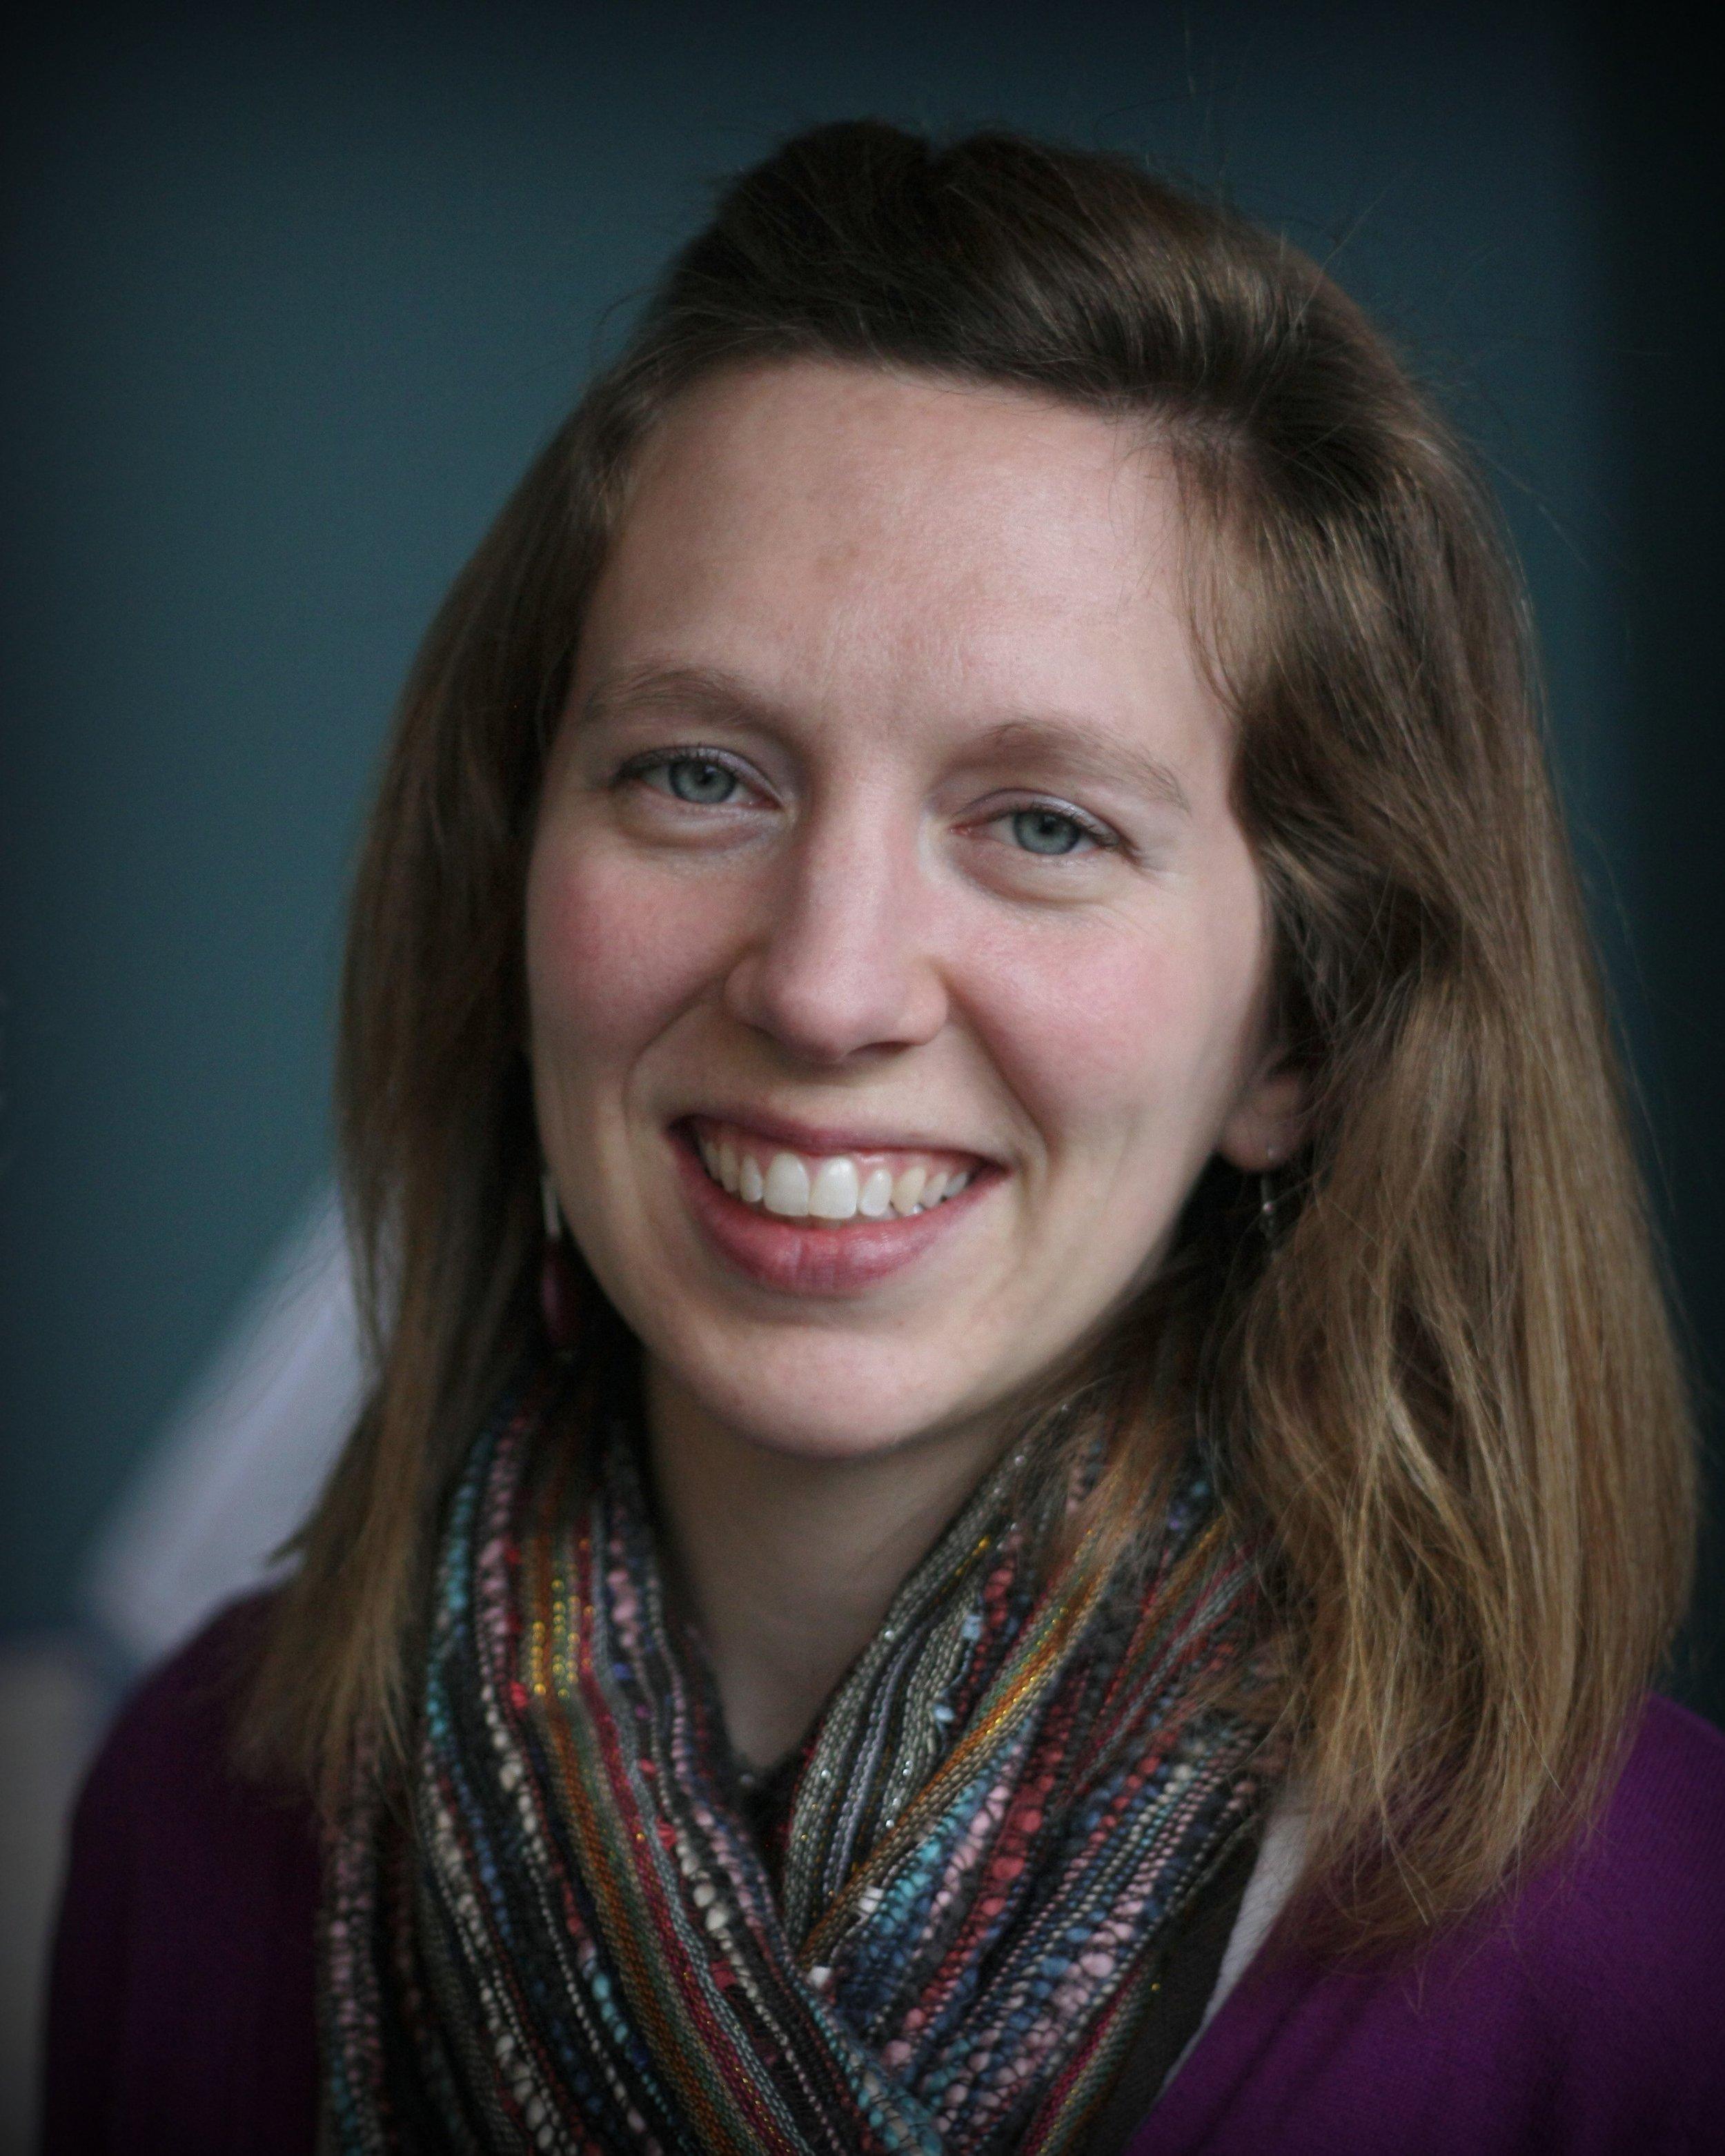 Kate Brumbaugh